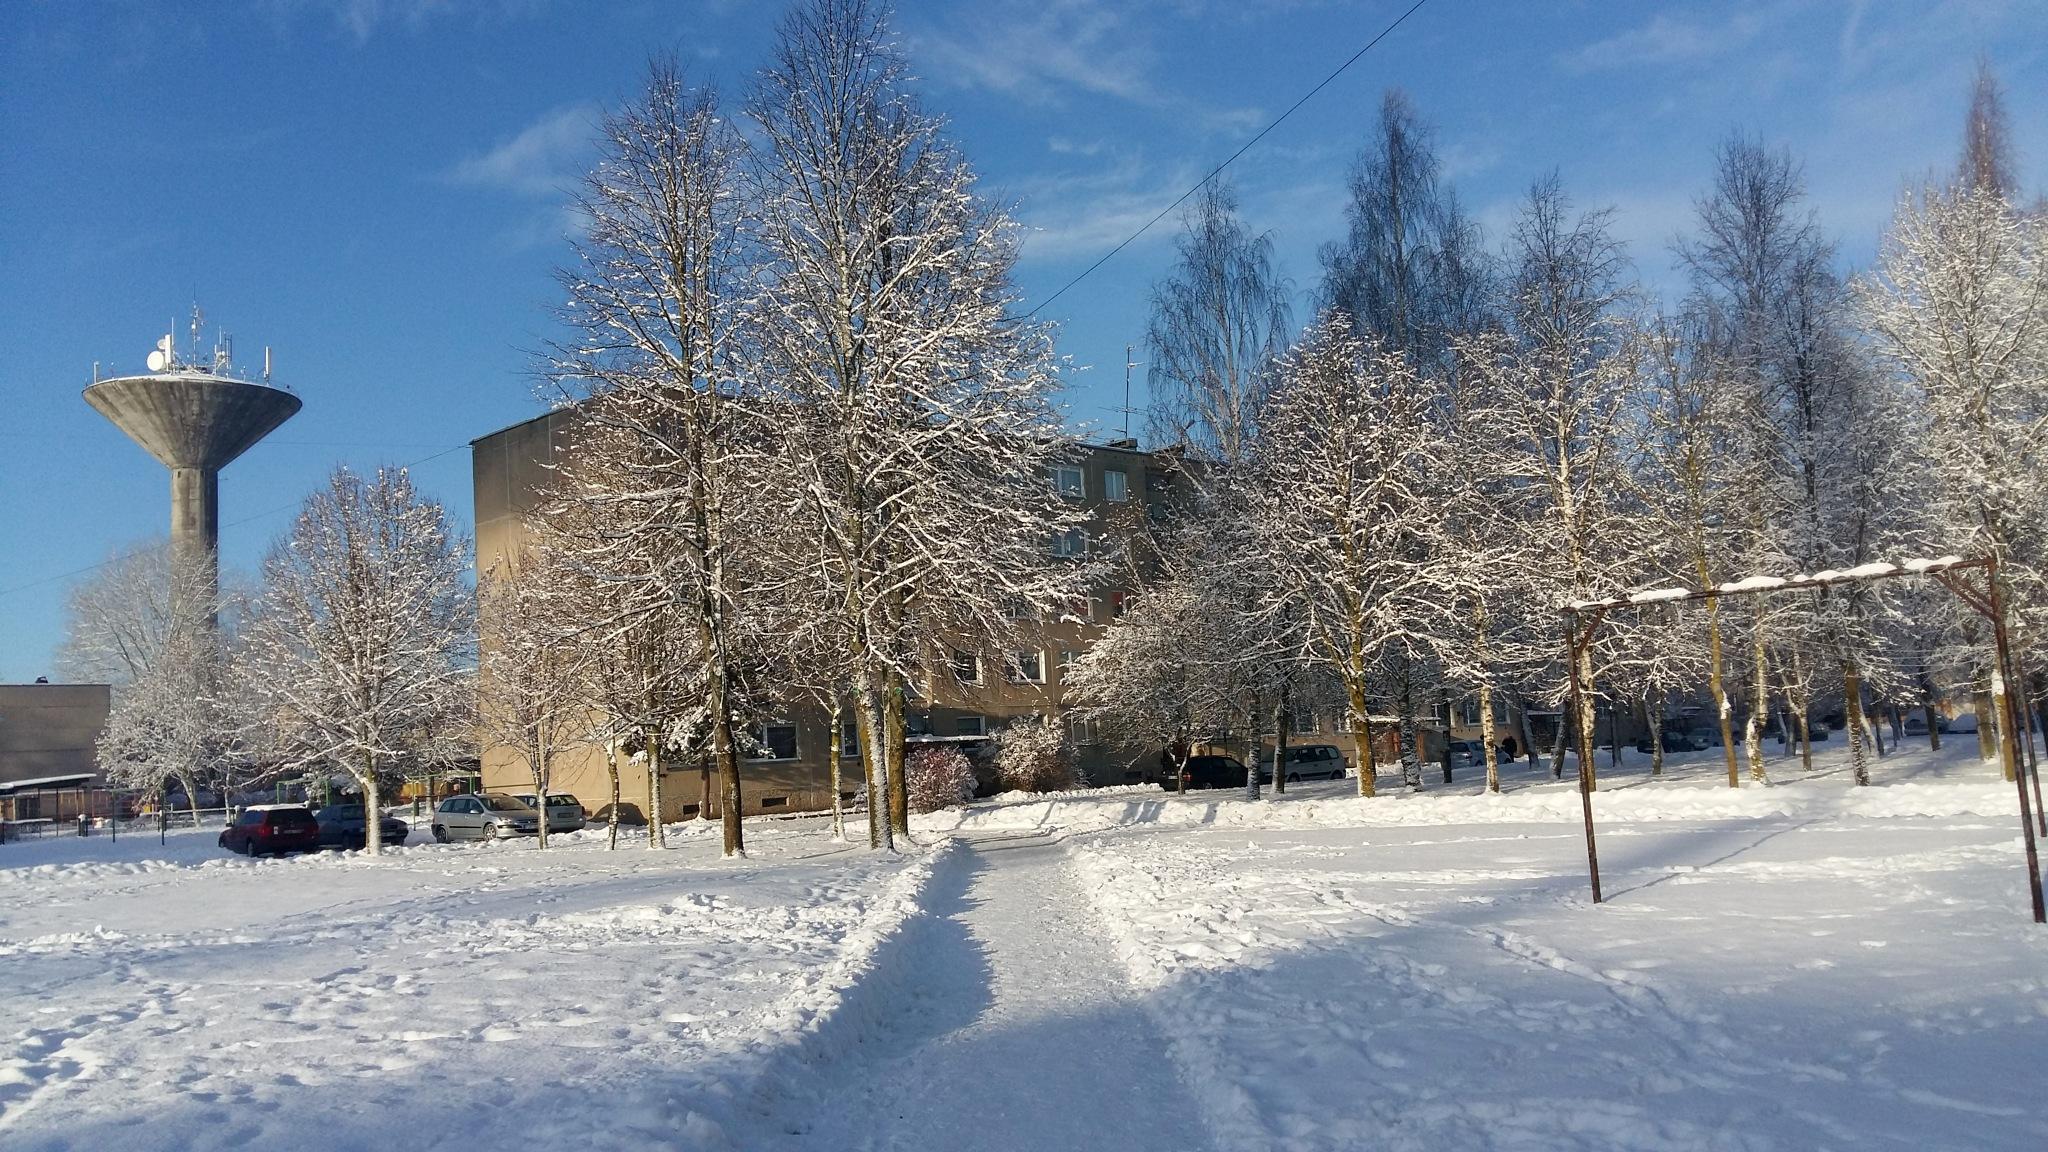 Winter in my city by uzkuraitiene62